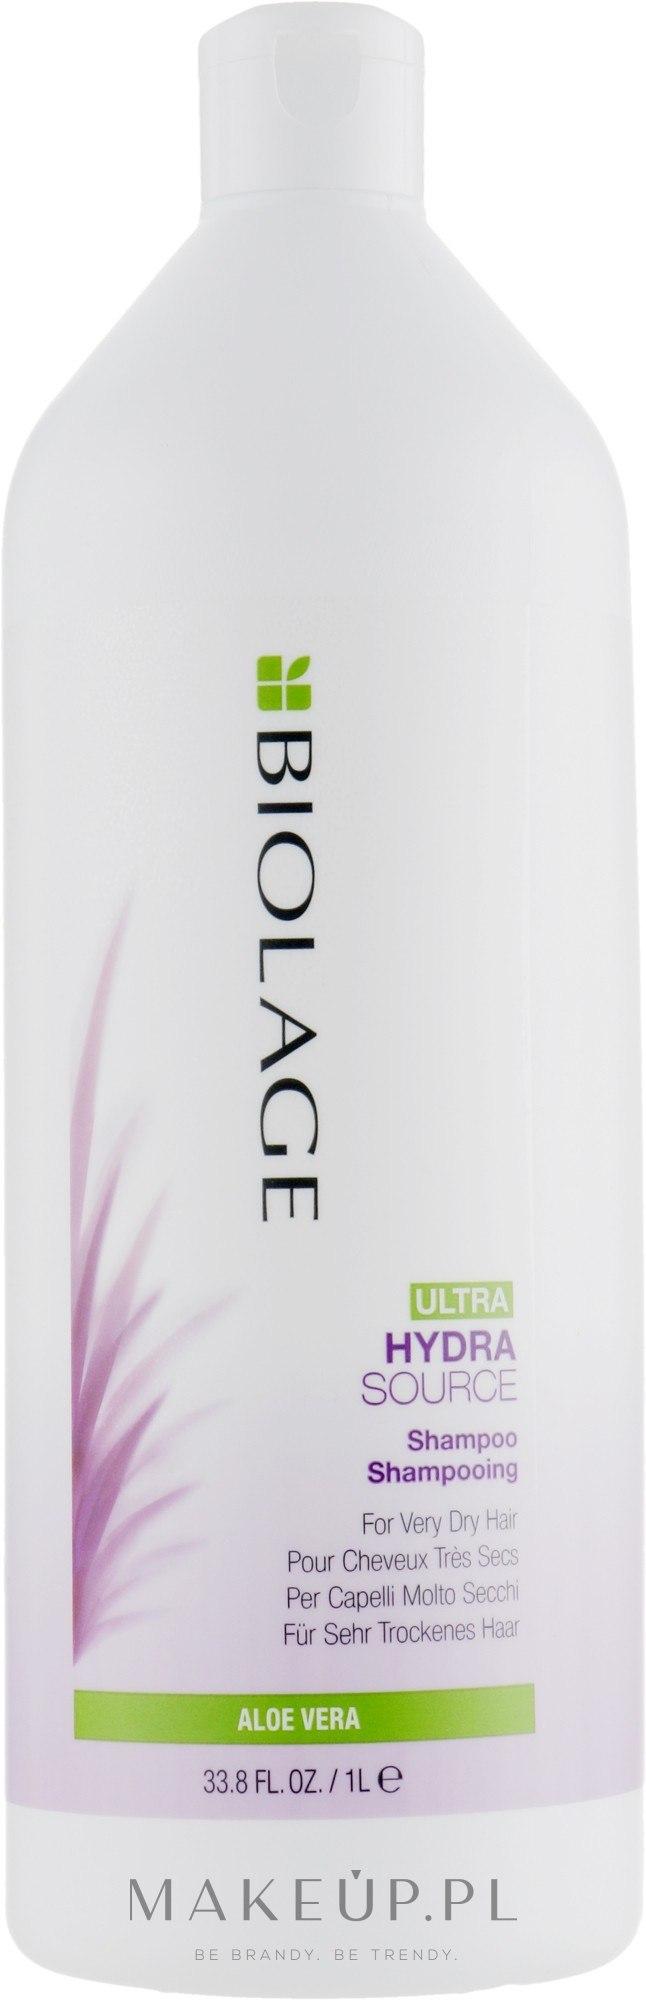 Nawilżający szampon do włosów bardzo suchych - Biolage Ultra Hydrasource Shampoo — фото 1000 ml